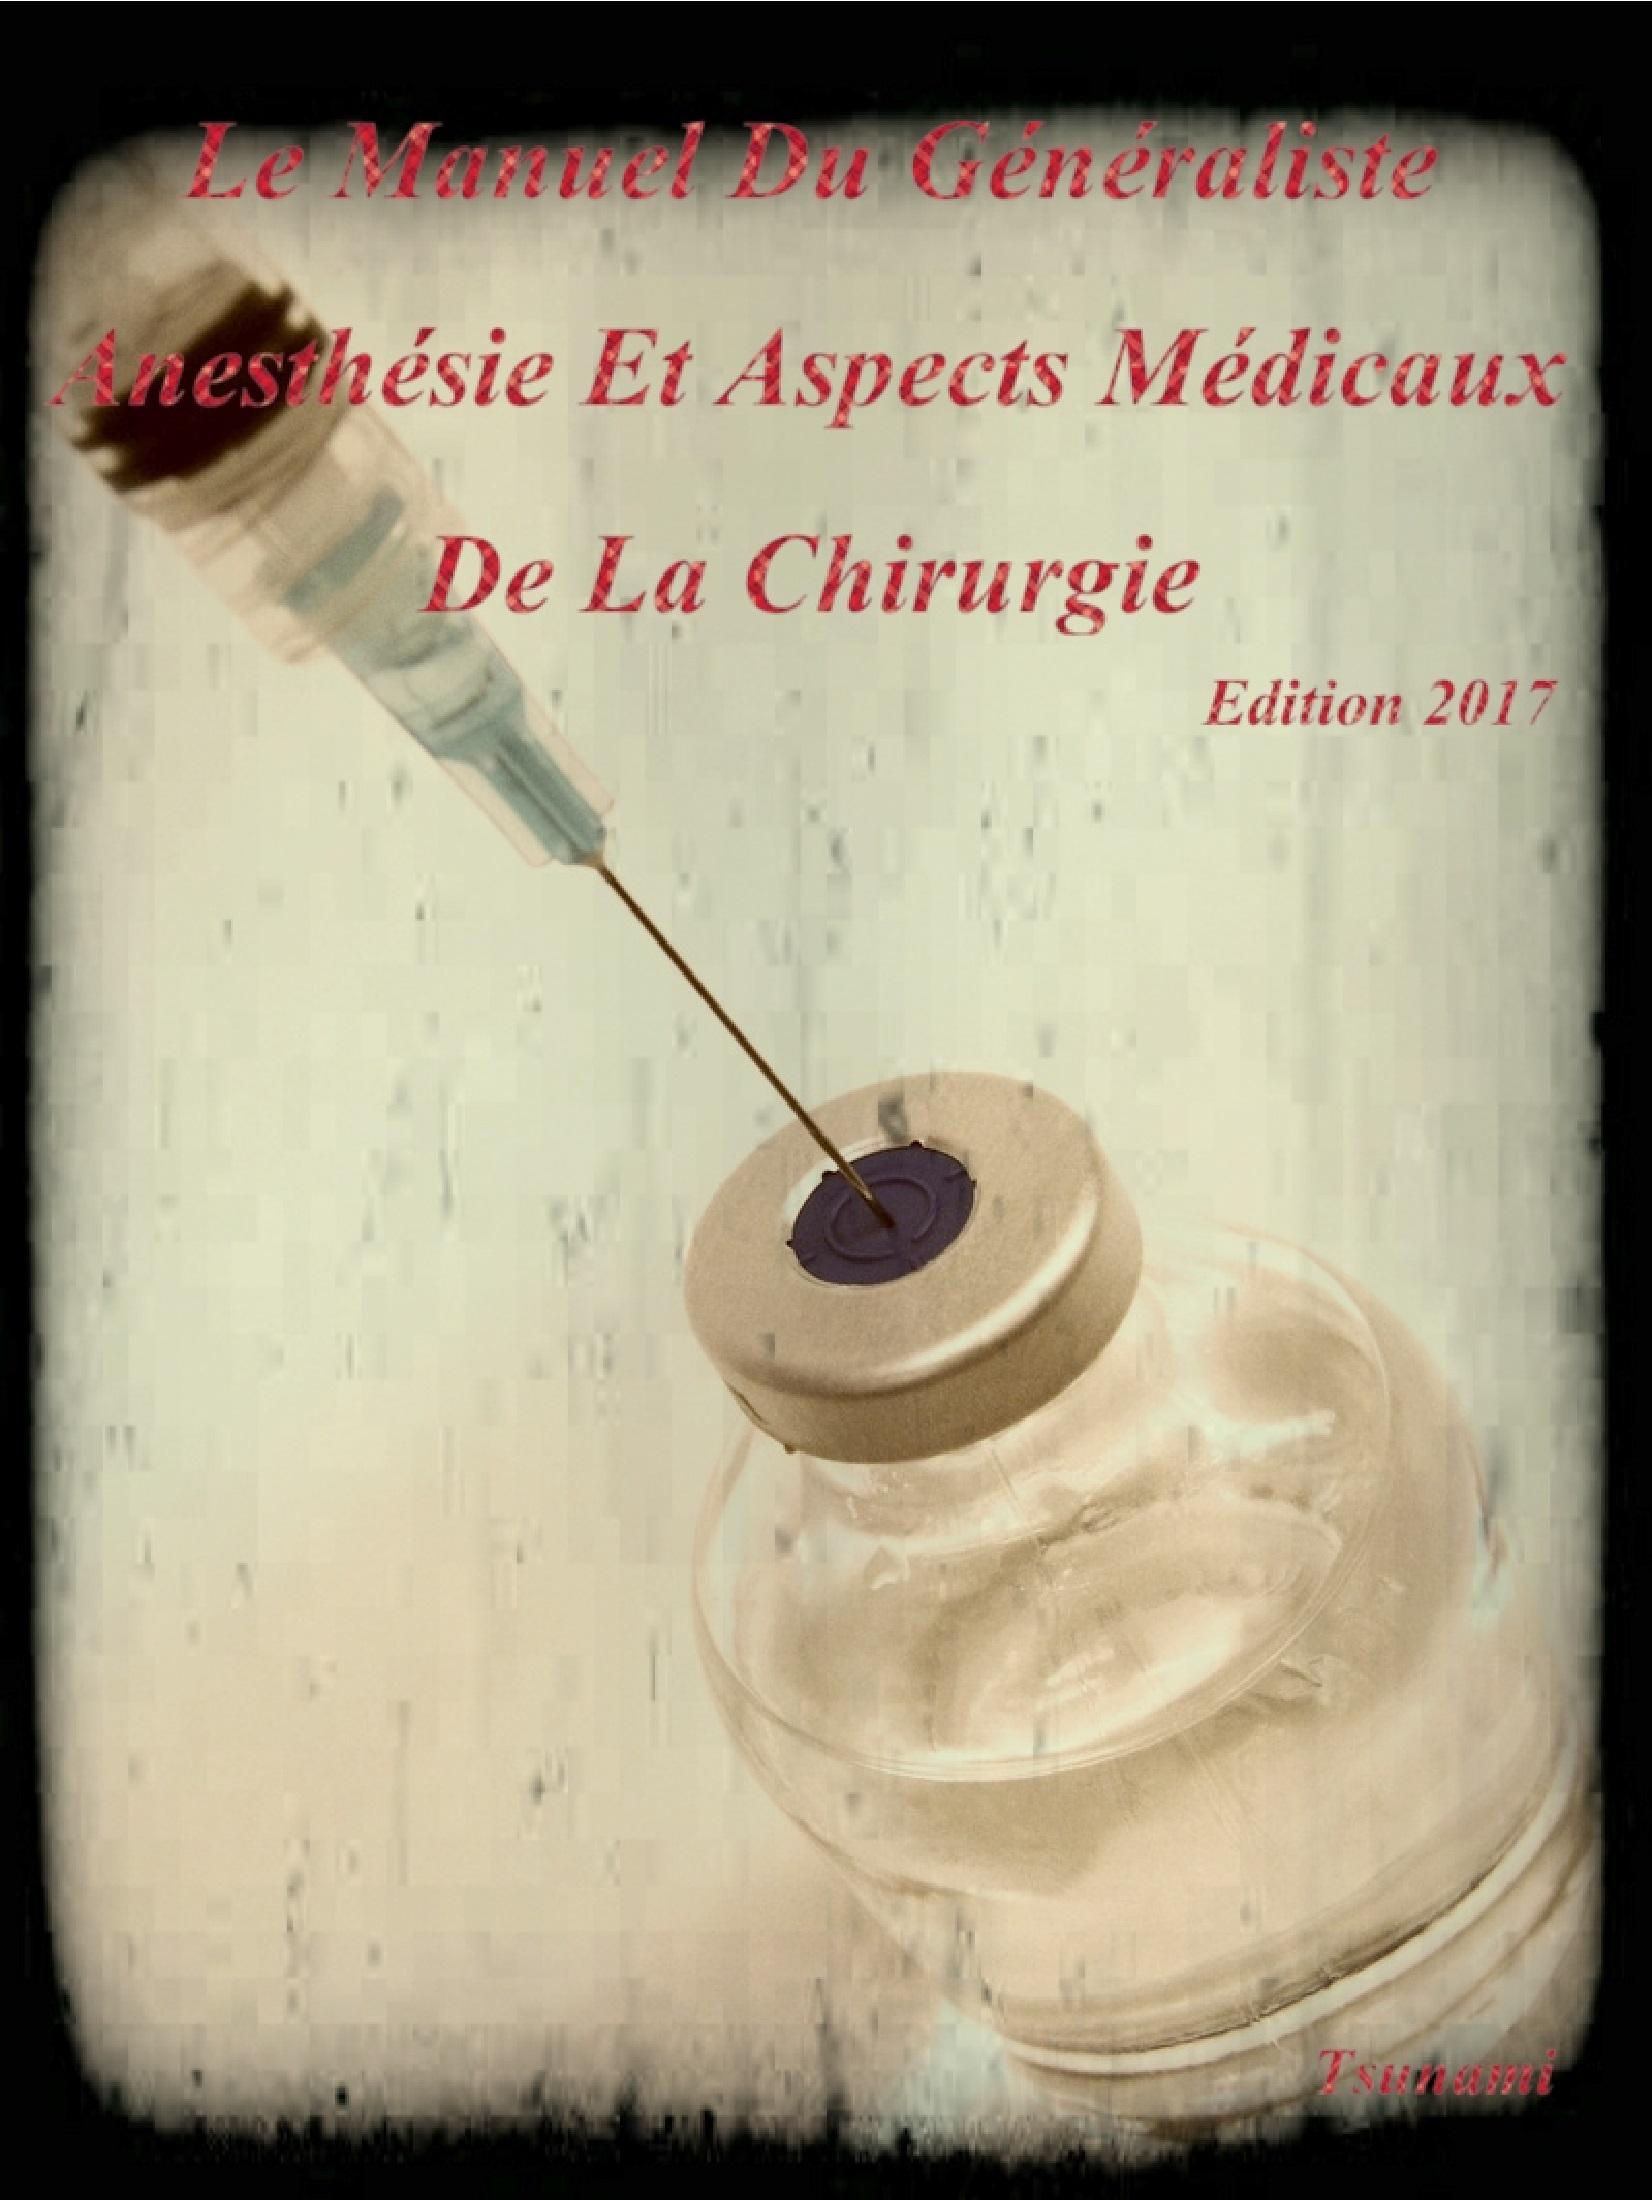 Livres Médicales - Le Manuel Du Généraliste 2017 Anesthésie Et Aspects Médicaux De La Chirurgie Le_man10